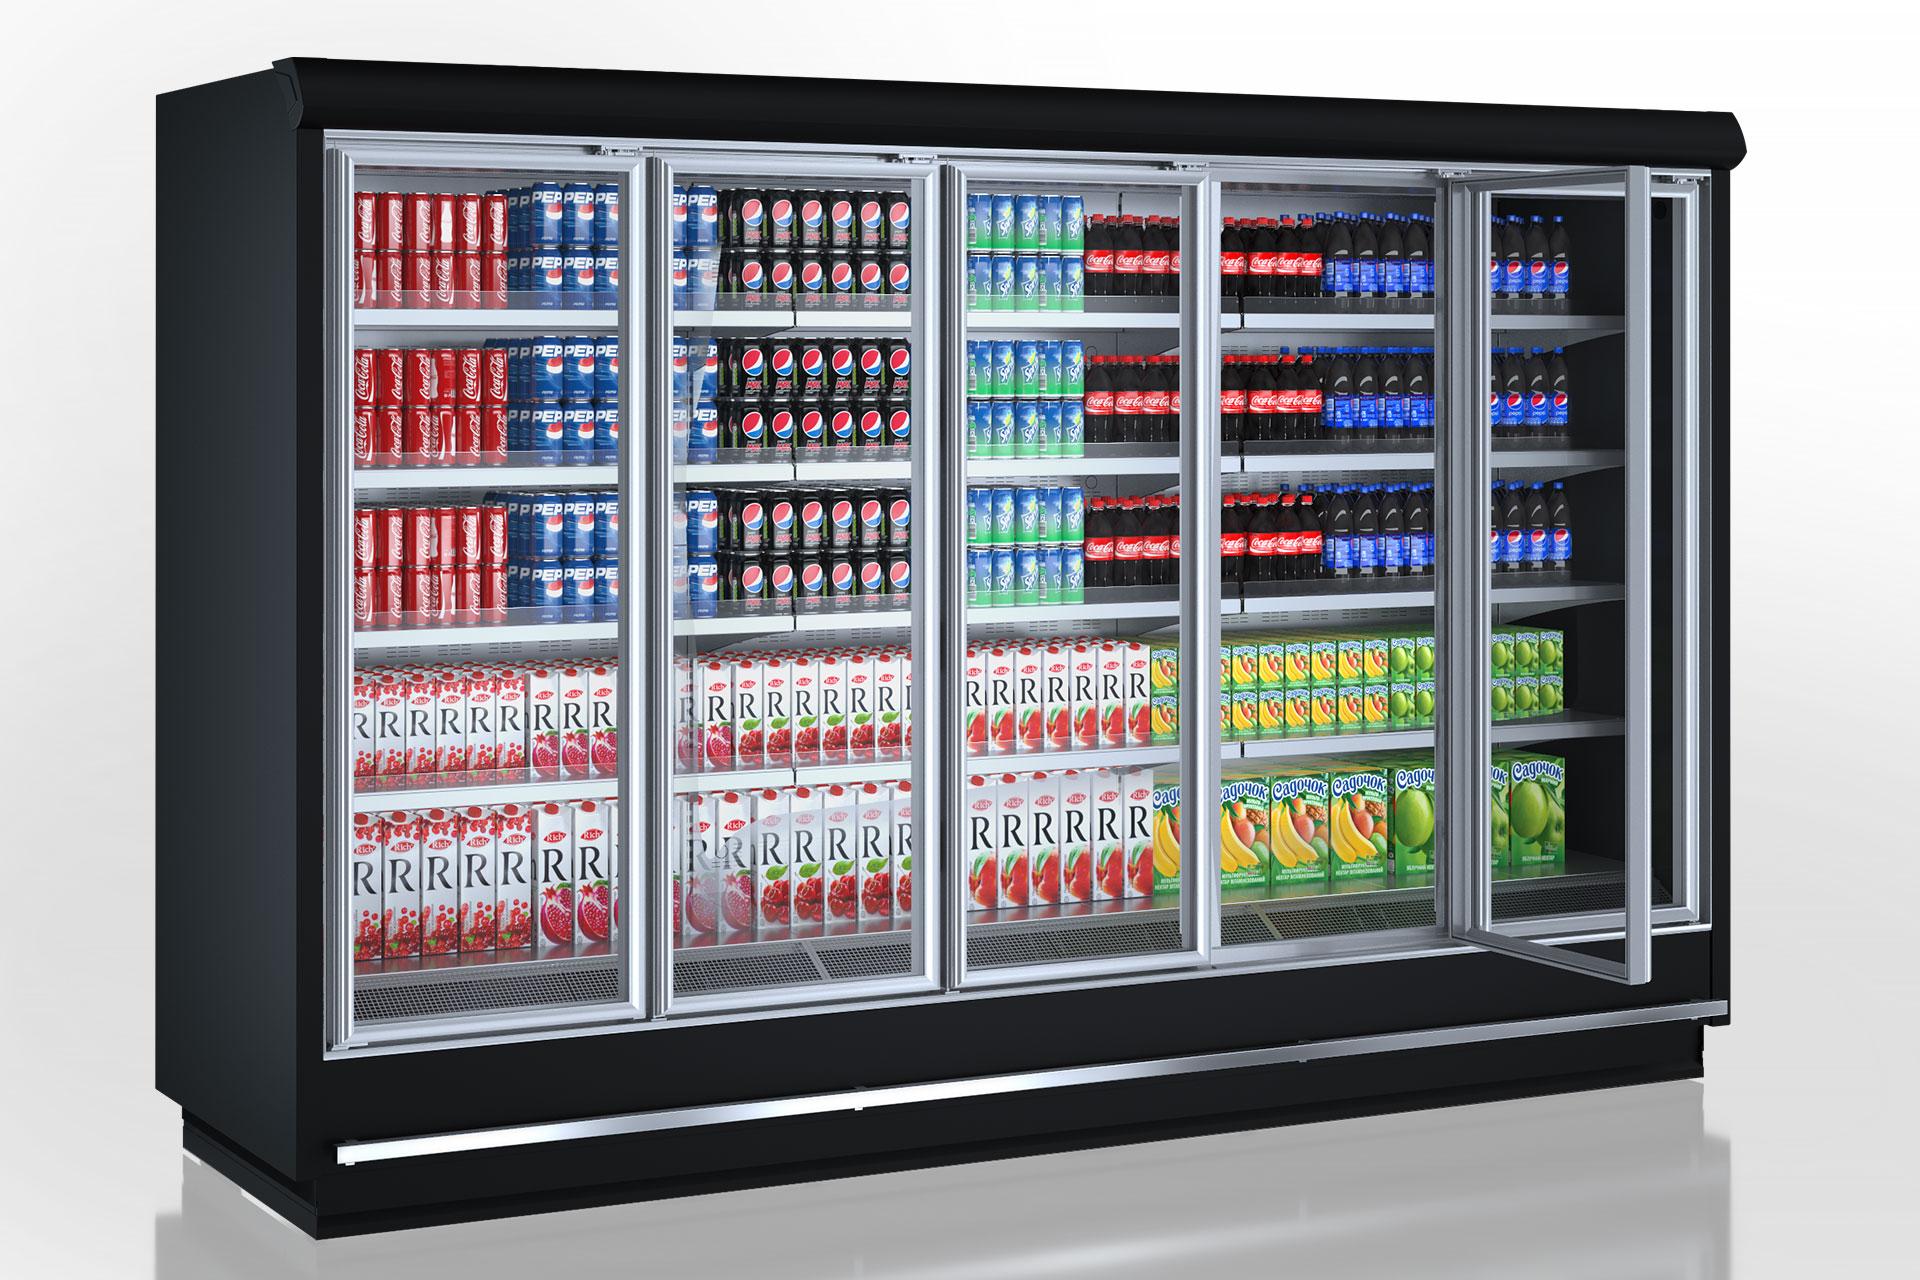 Multideck cabinets Indiana tandem MD 090 MT D 210-DLM